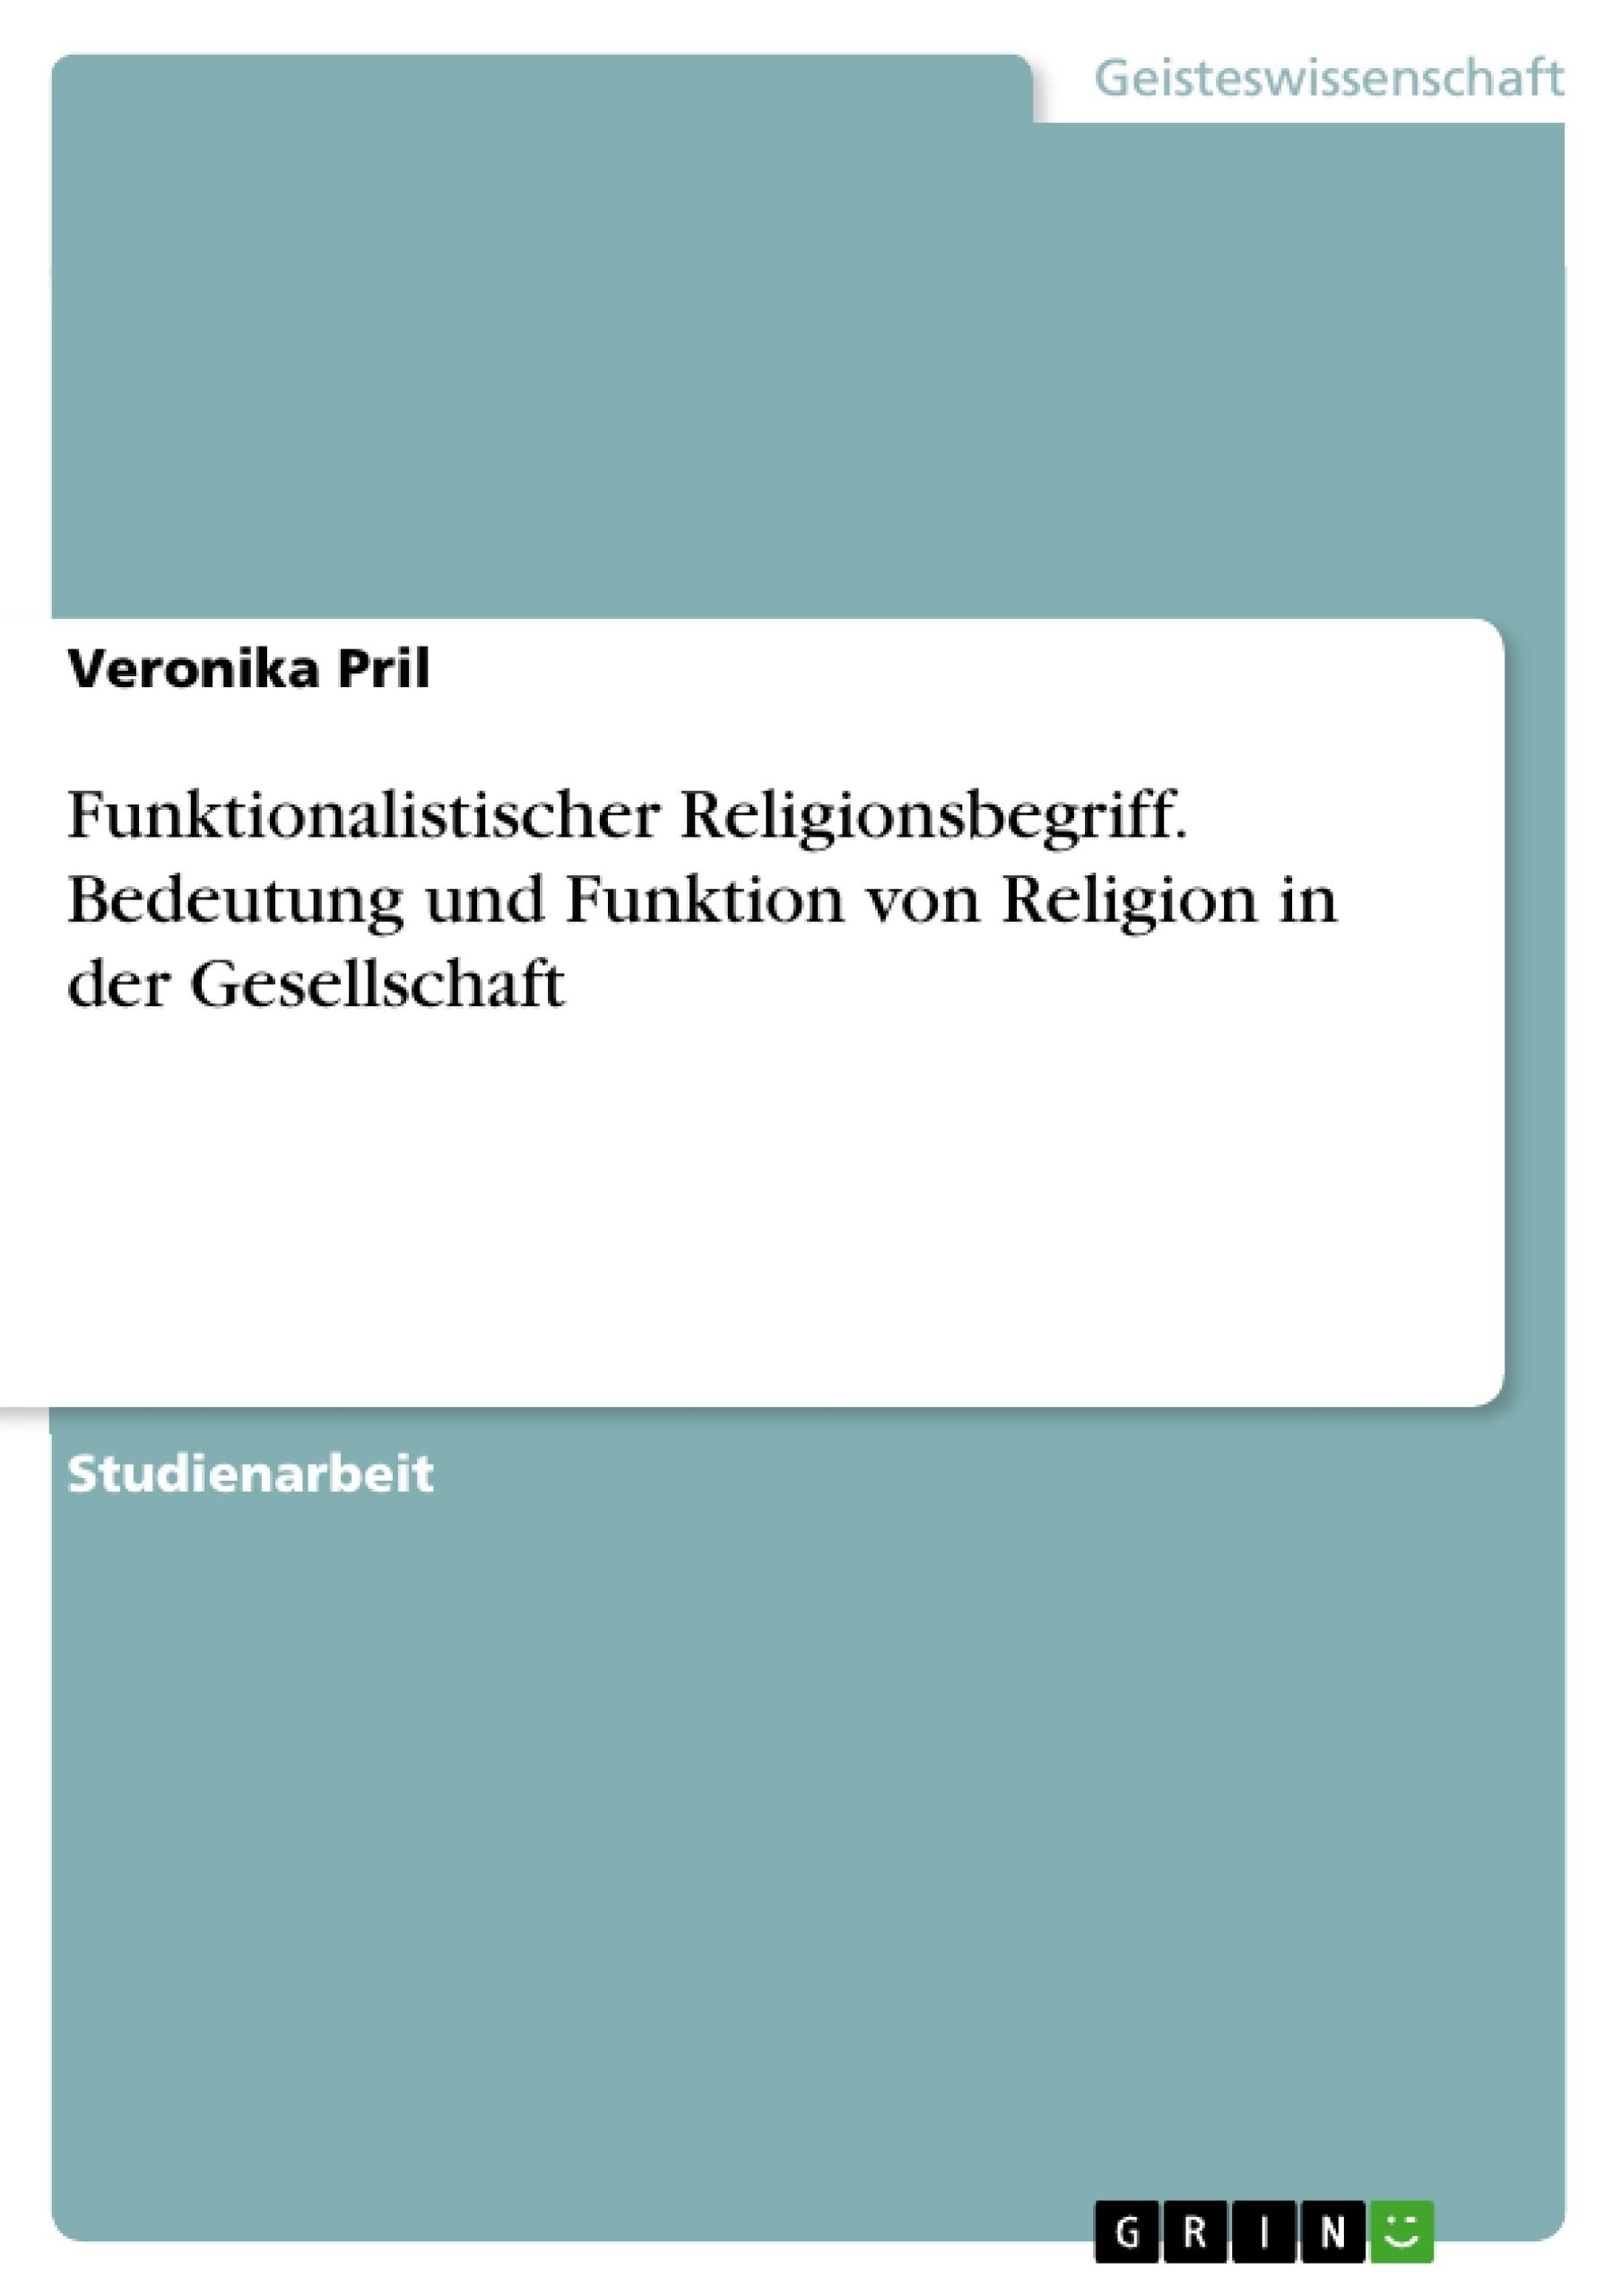 Titel: Funktionalistischer Religionsbegriff. Bedeutung und Funktion von Religion in der Gesellschaft